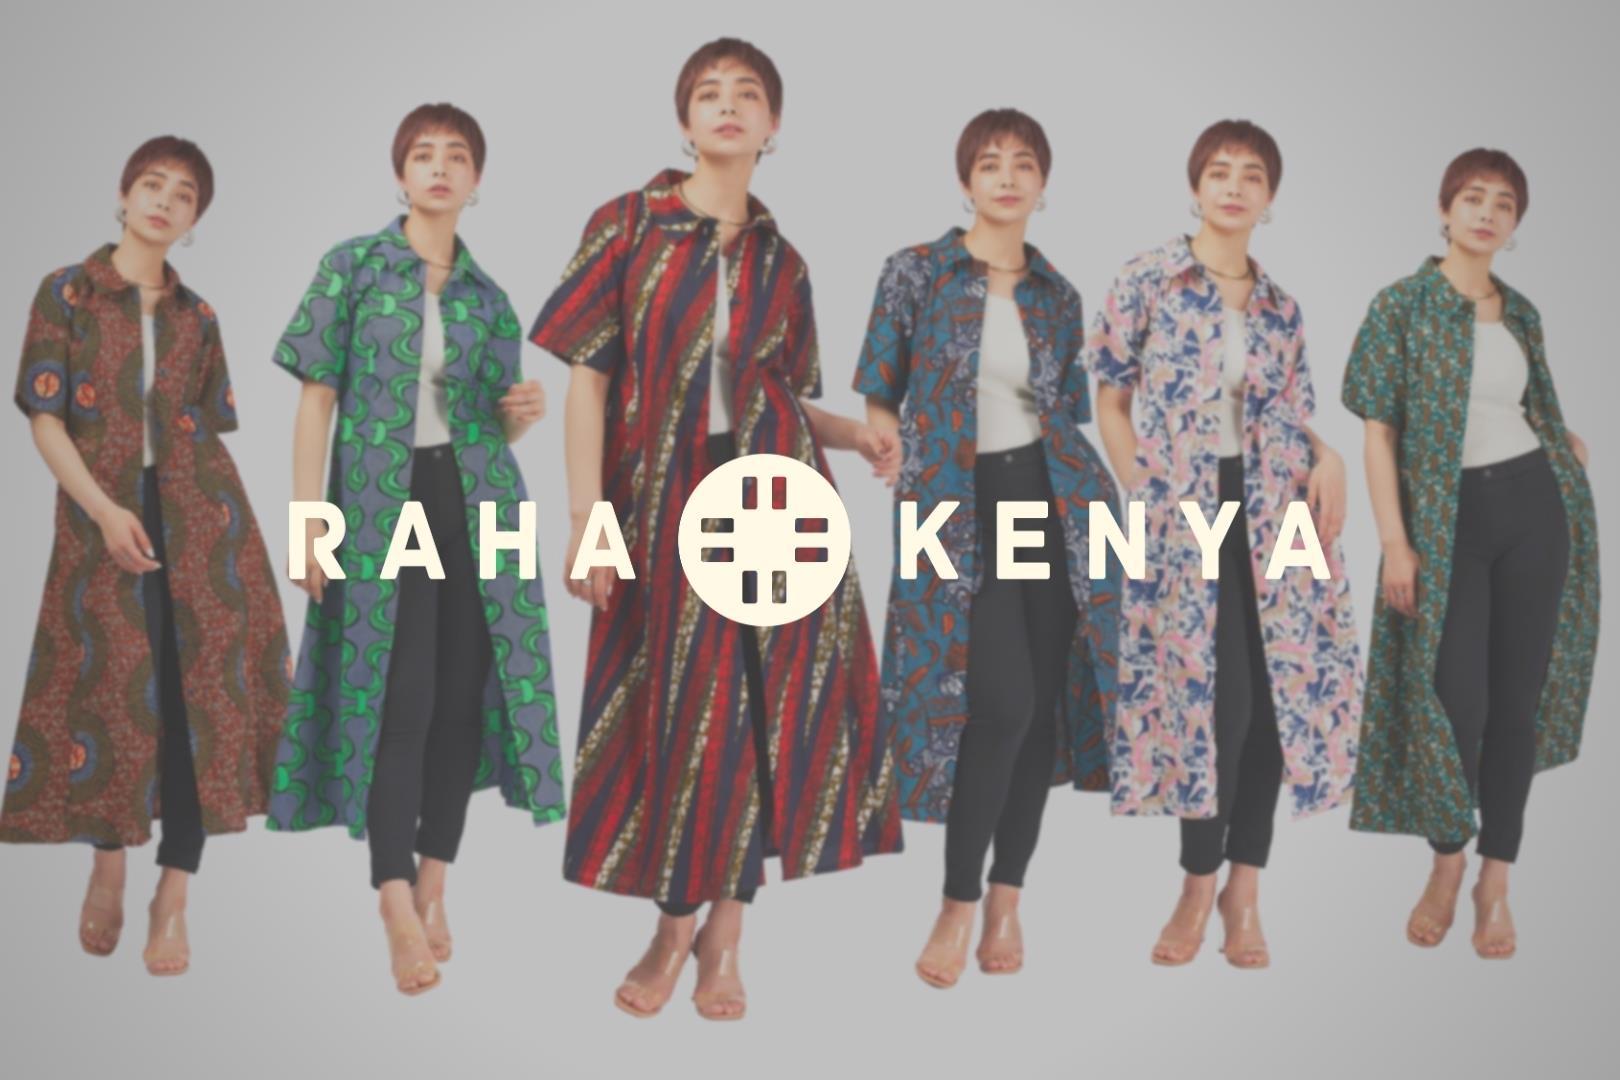 【購入型クラウドファンディング実施中!】ケニア発ブランド・RAHA KENYA「アフリカ布で一歩踏み出すきっかけを」